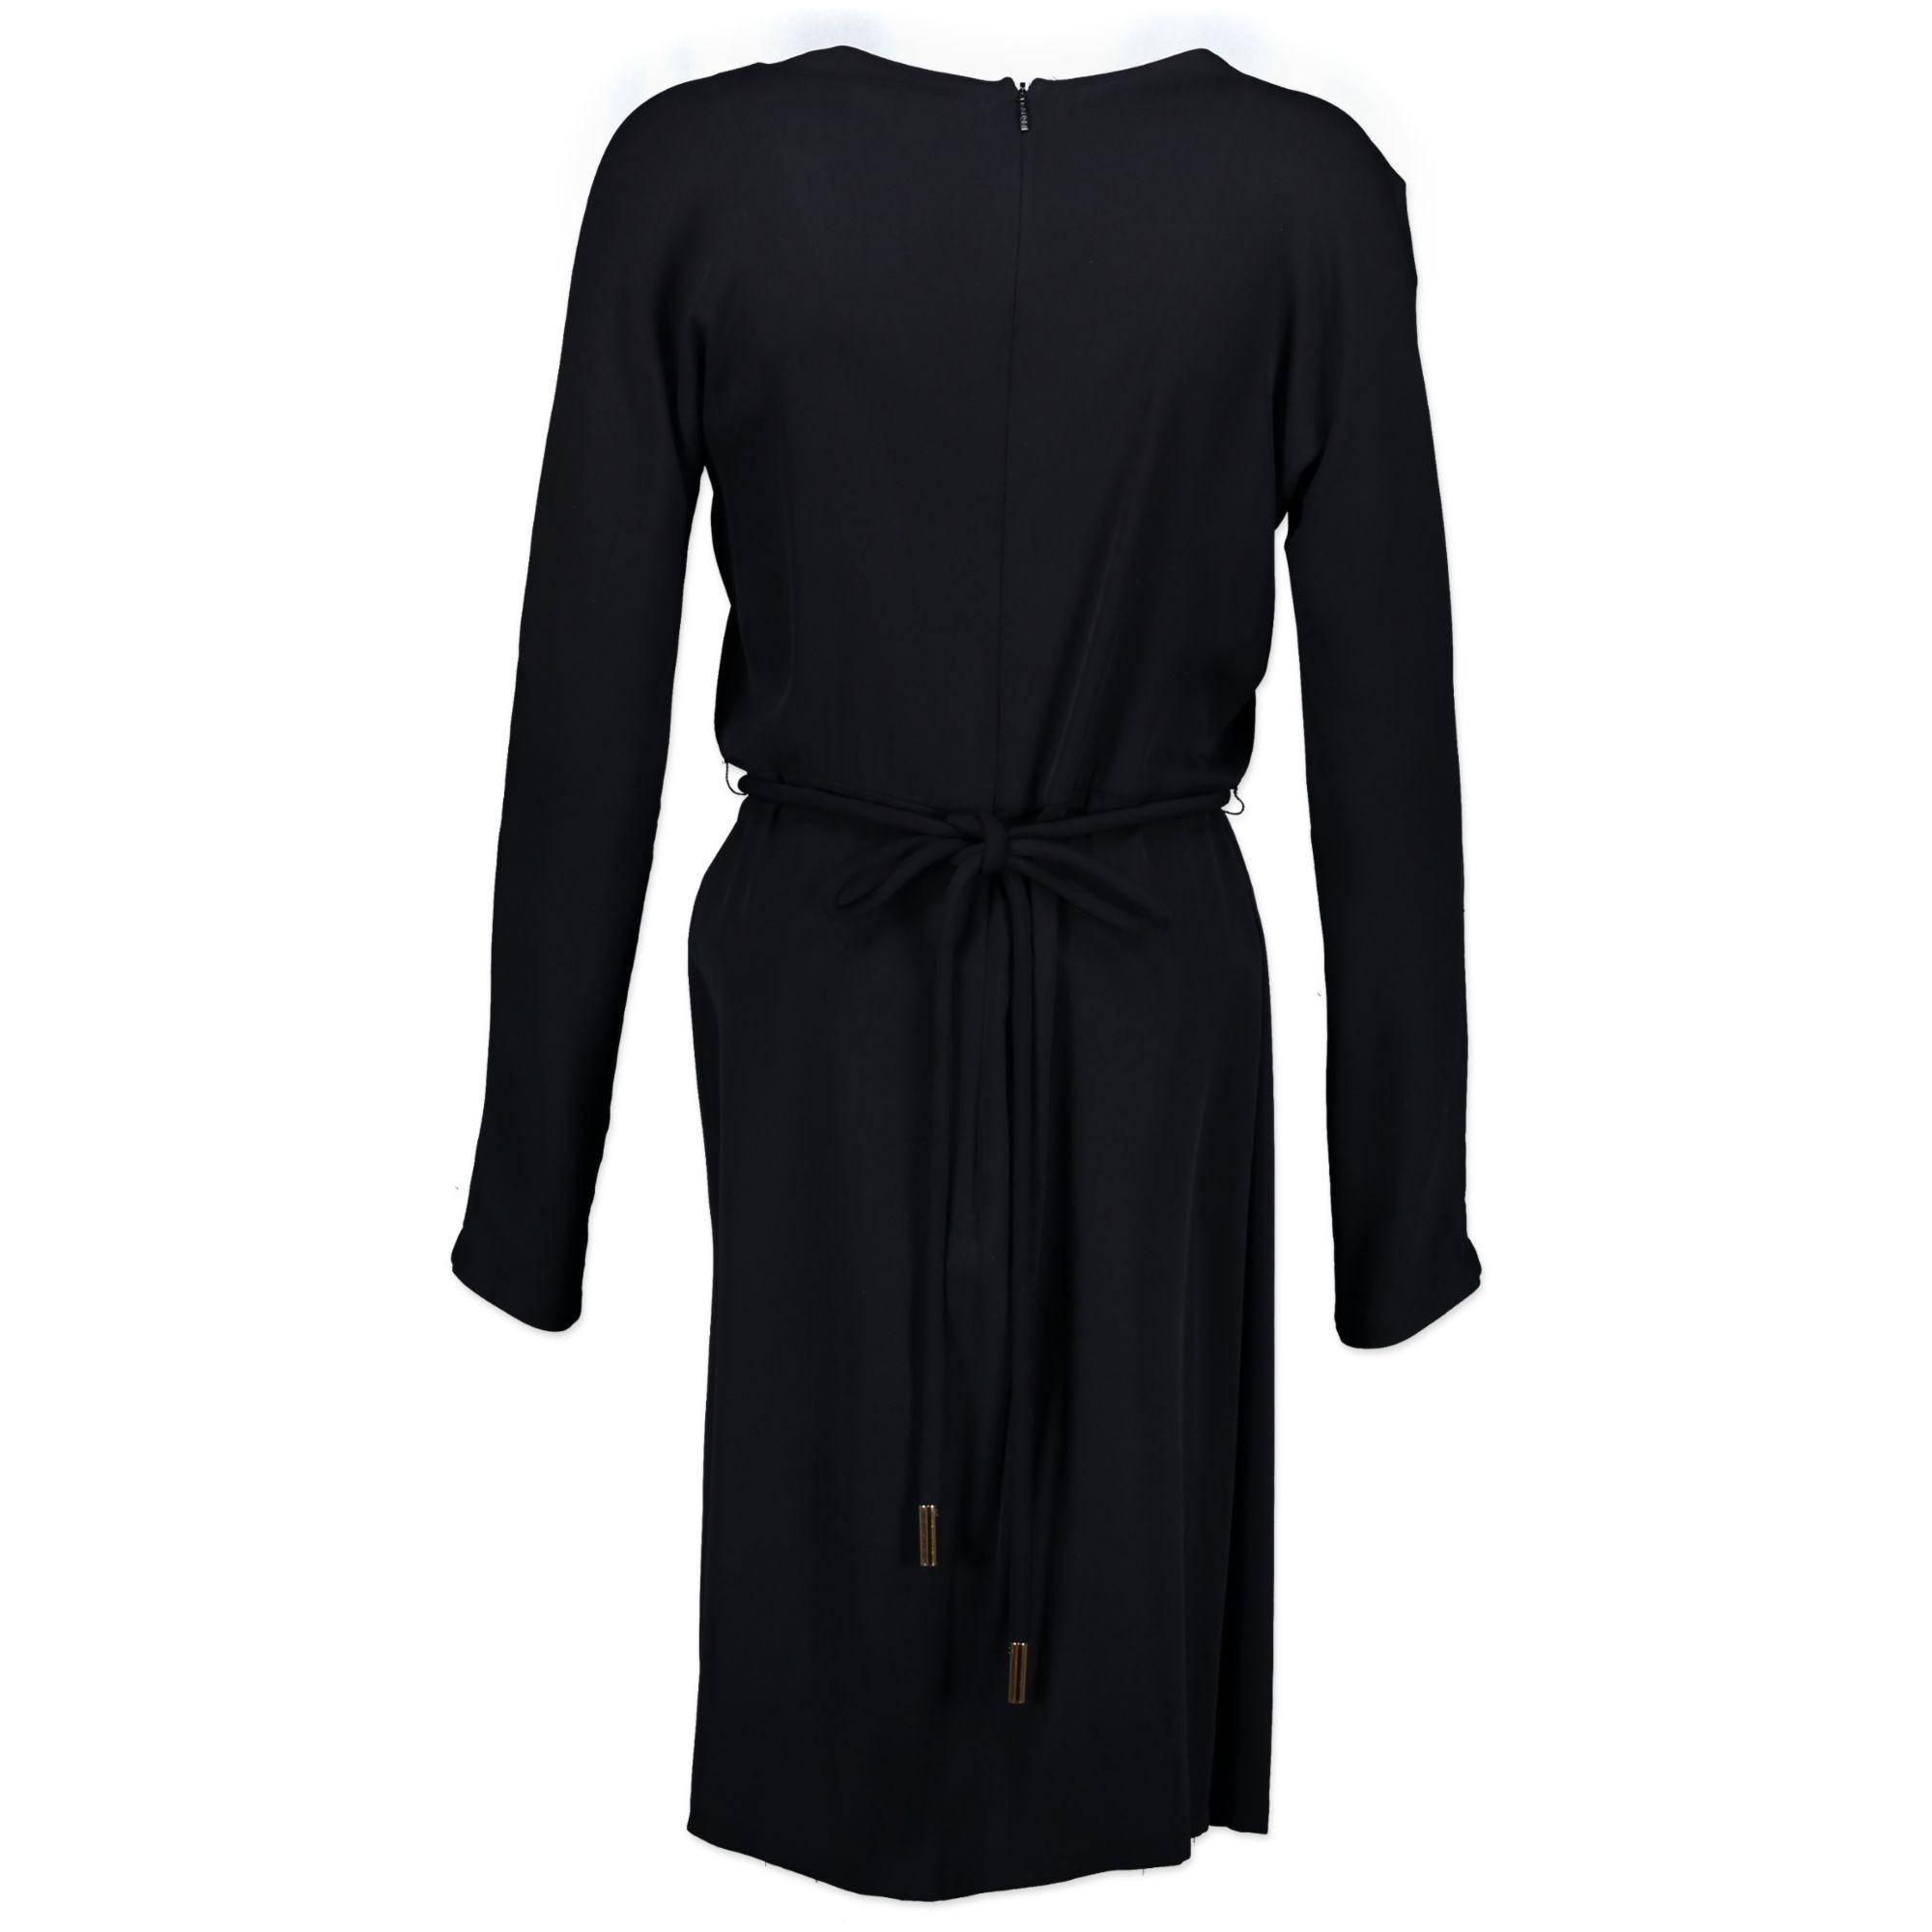 Koop authentieke tweedehands Gucci jurk voor de juiste prijs bij Labellov vintage designer webshop.